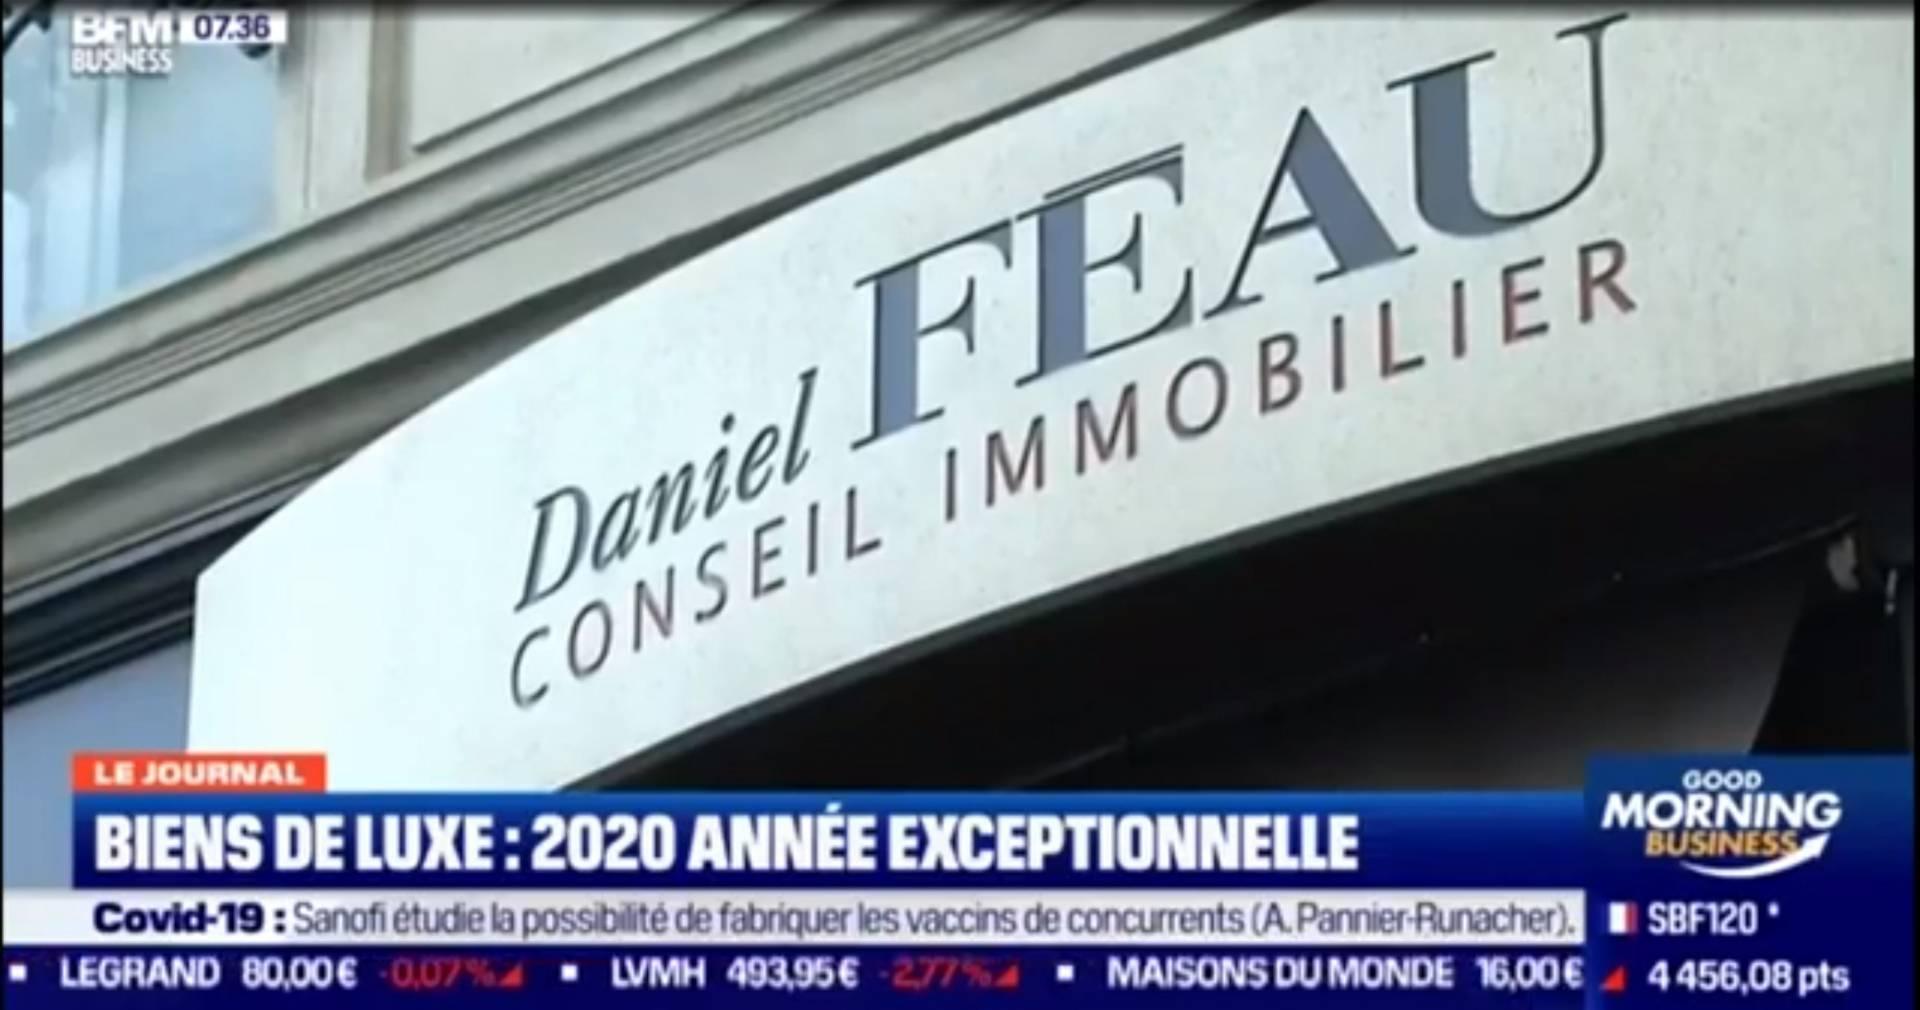 Immobilier - Les acheteurs français ont sauvé le marché immobilier de luxe à Paris en 2020